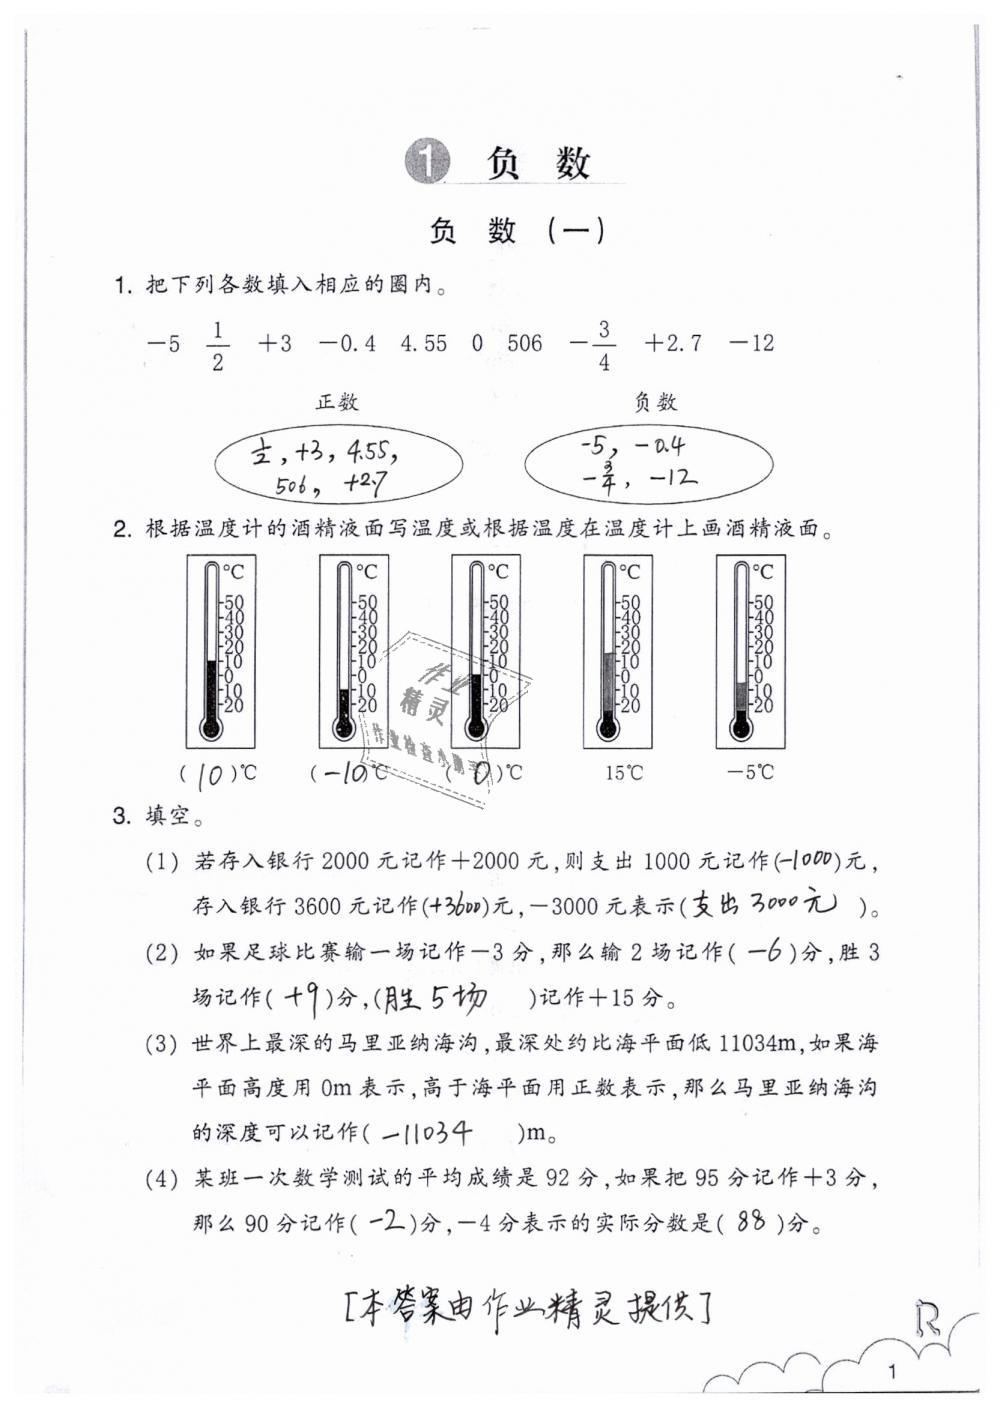 2019年数学作业本六年级下册人教版浙江教育出版社第1页